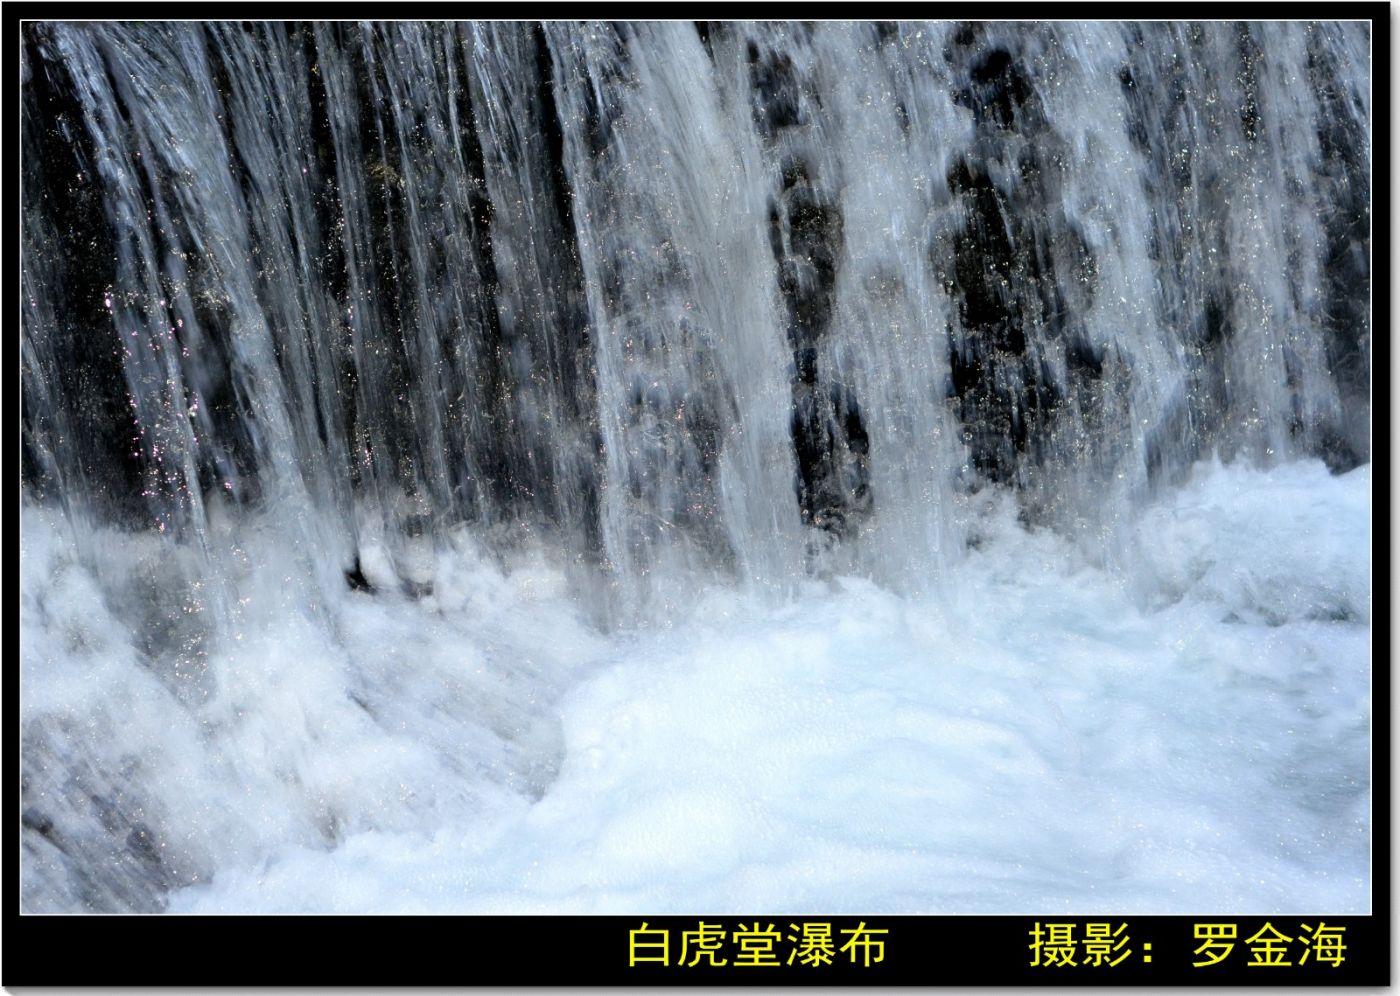 金仙寺游记·七律(上)_图1-27